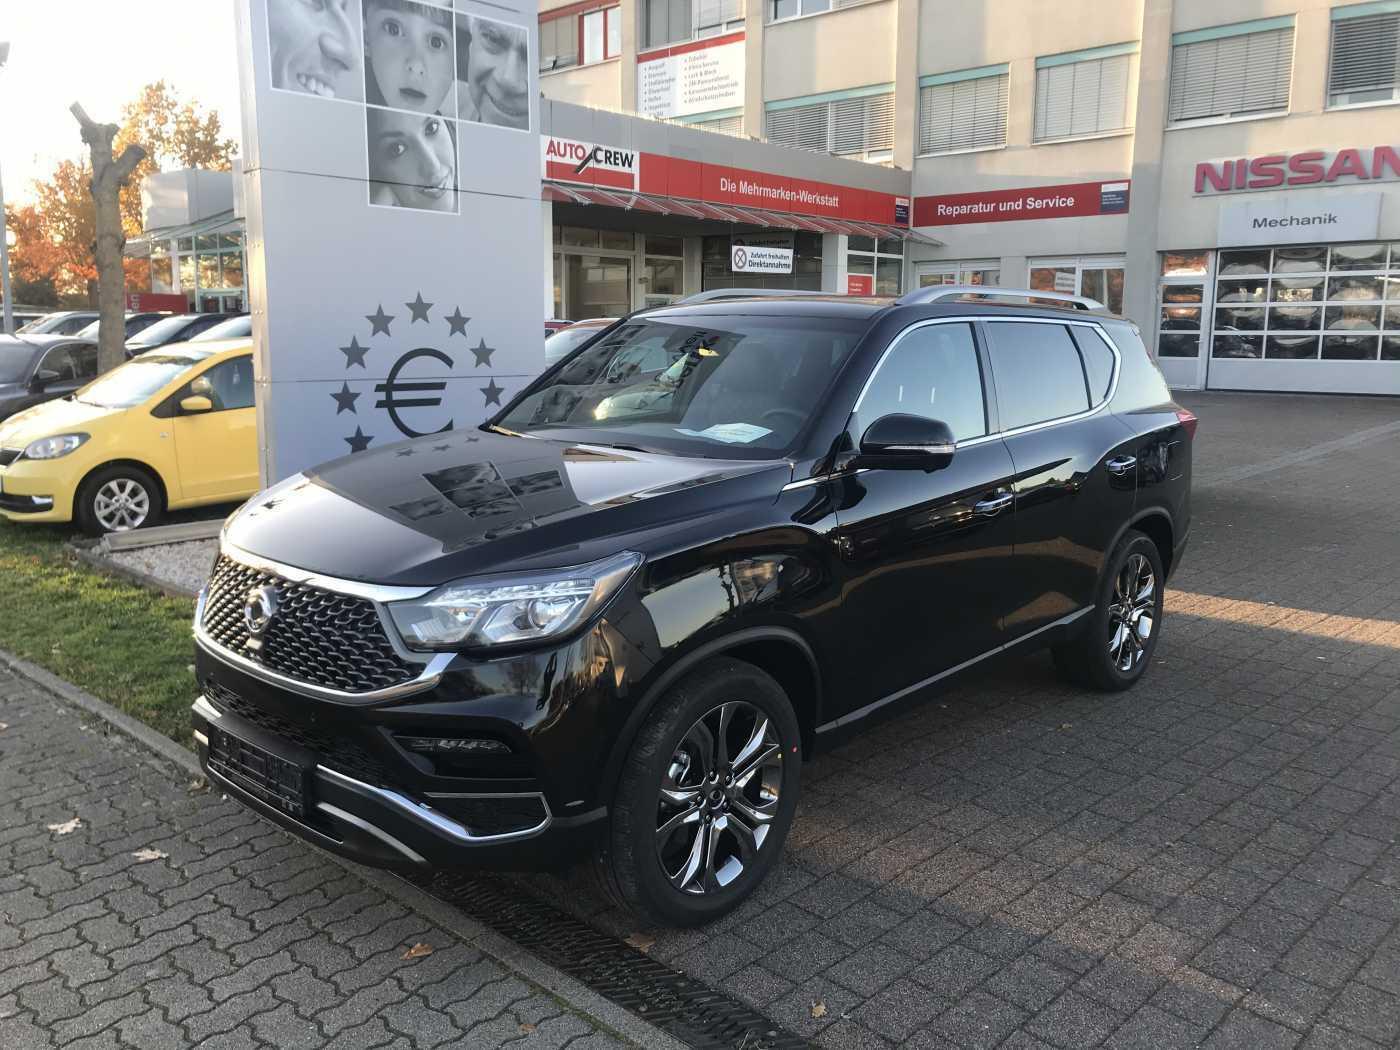 Ssangyong Rexton 2.2 e-XDi 4WD AT Sapphire MJ20*7-Sitzer*, Jahr 2019, Diesel